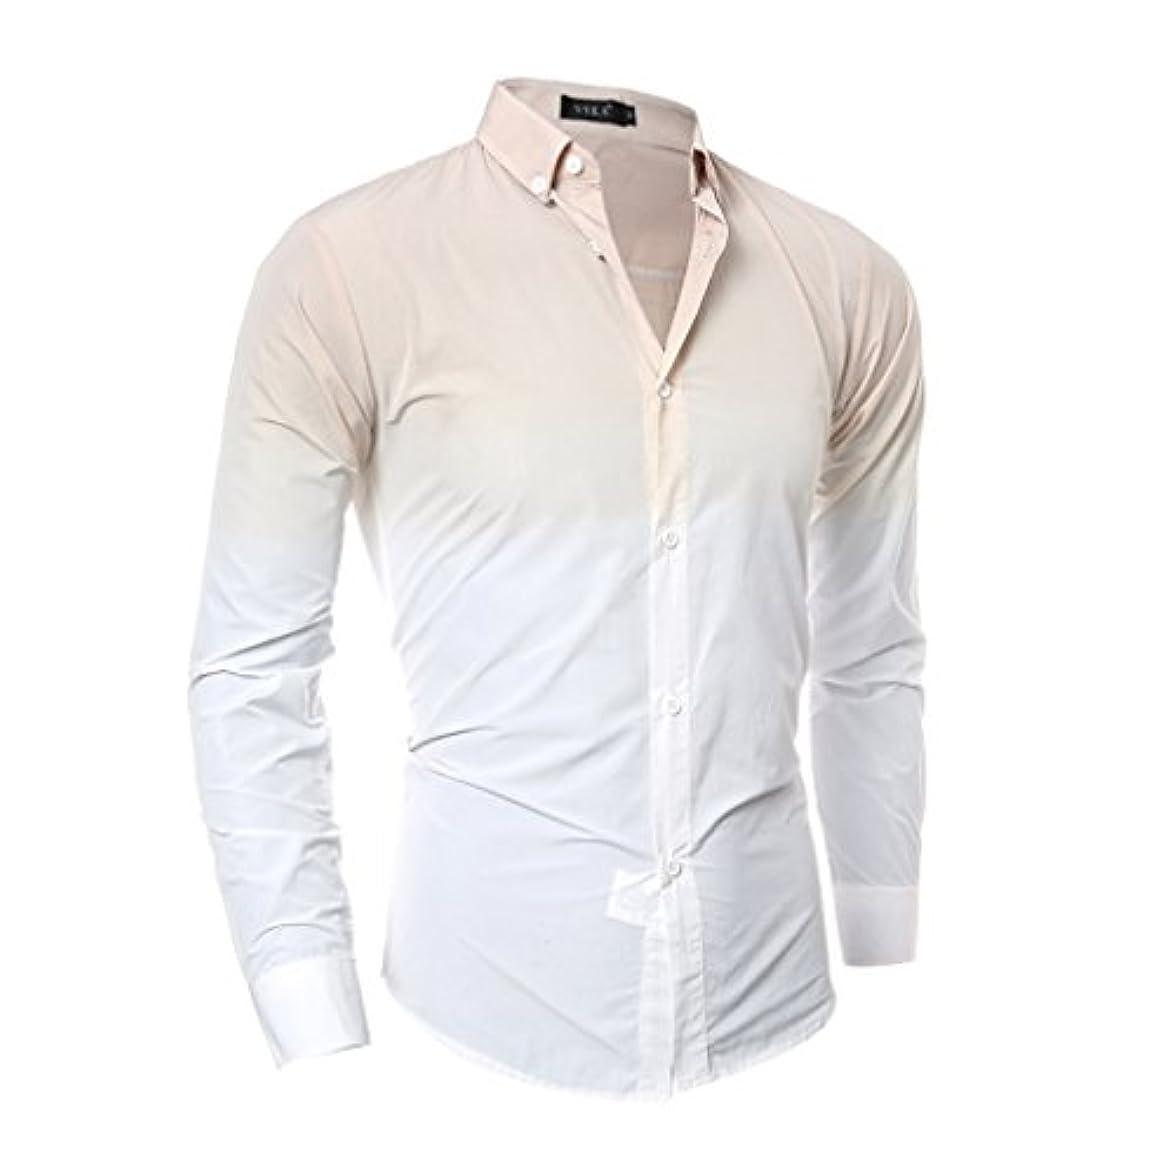 聴覚費やす蒸Honghu メンズ シャツ 長袖 グラデーション カジュアル スリム  イエロー M 1PC